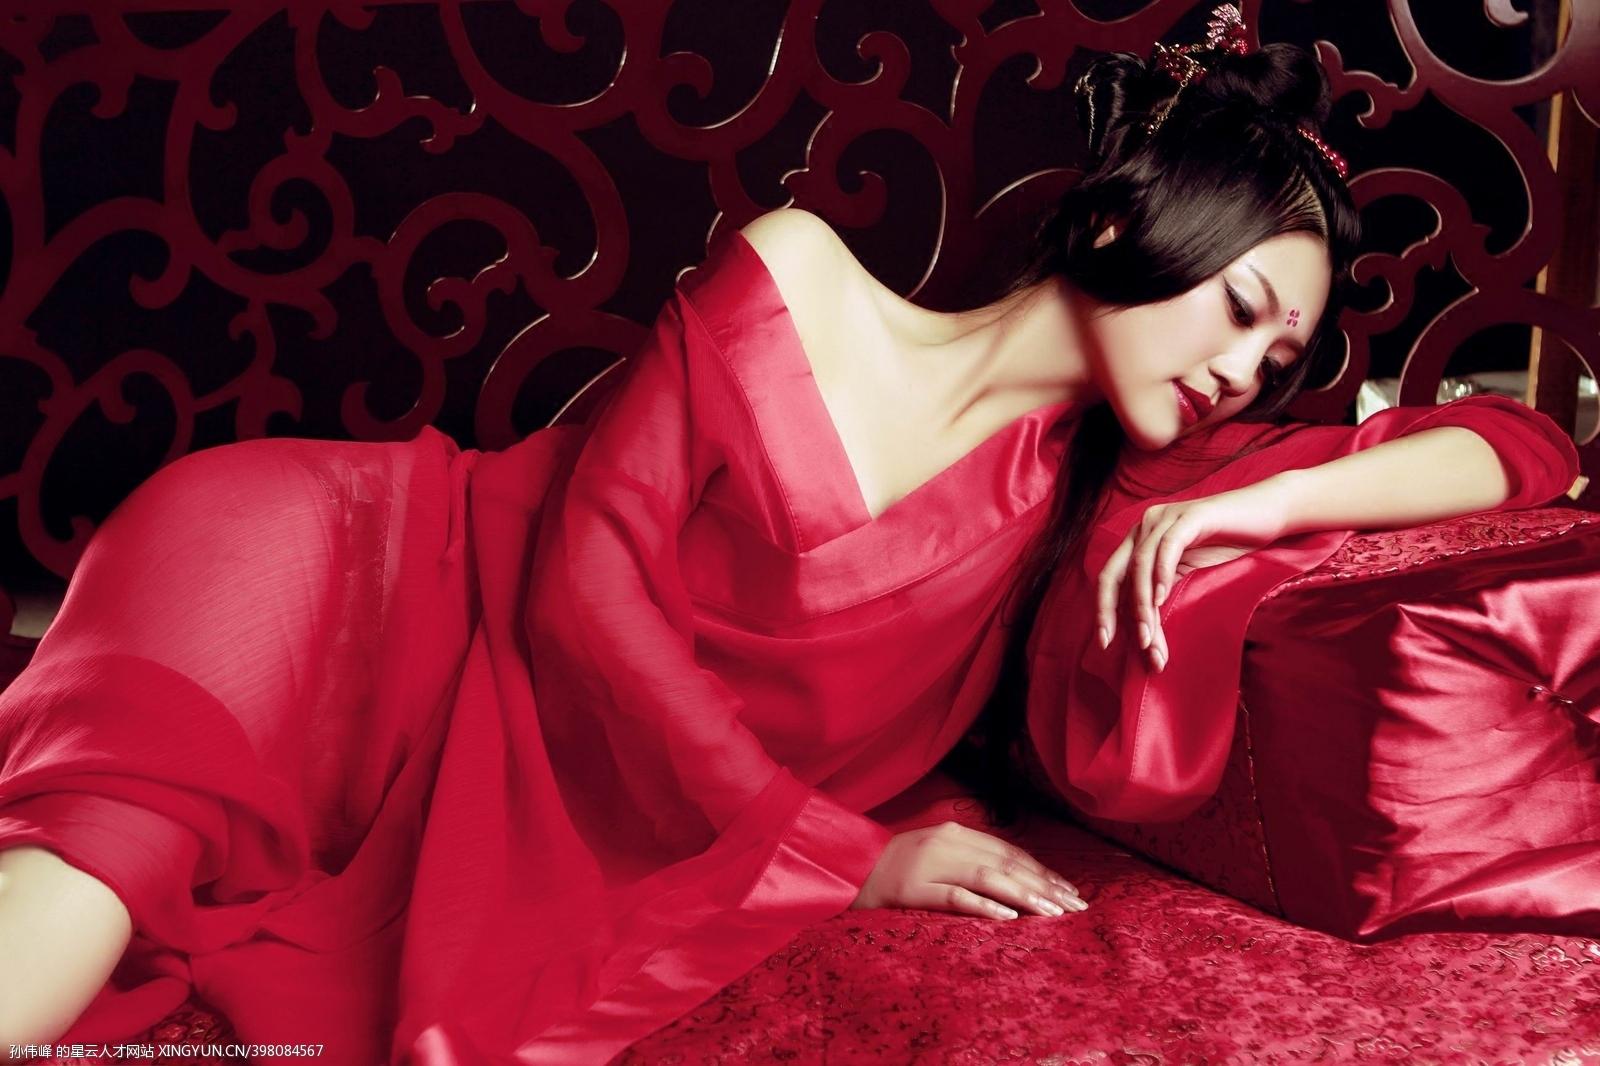 包邮新款红色艺术写真盘子女人坊主题服装女古装性感睡衣睡袍服饰